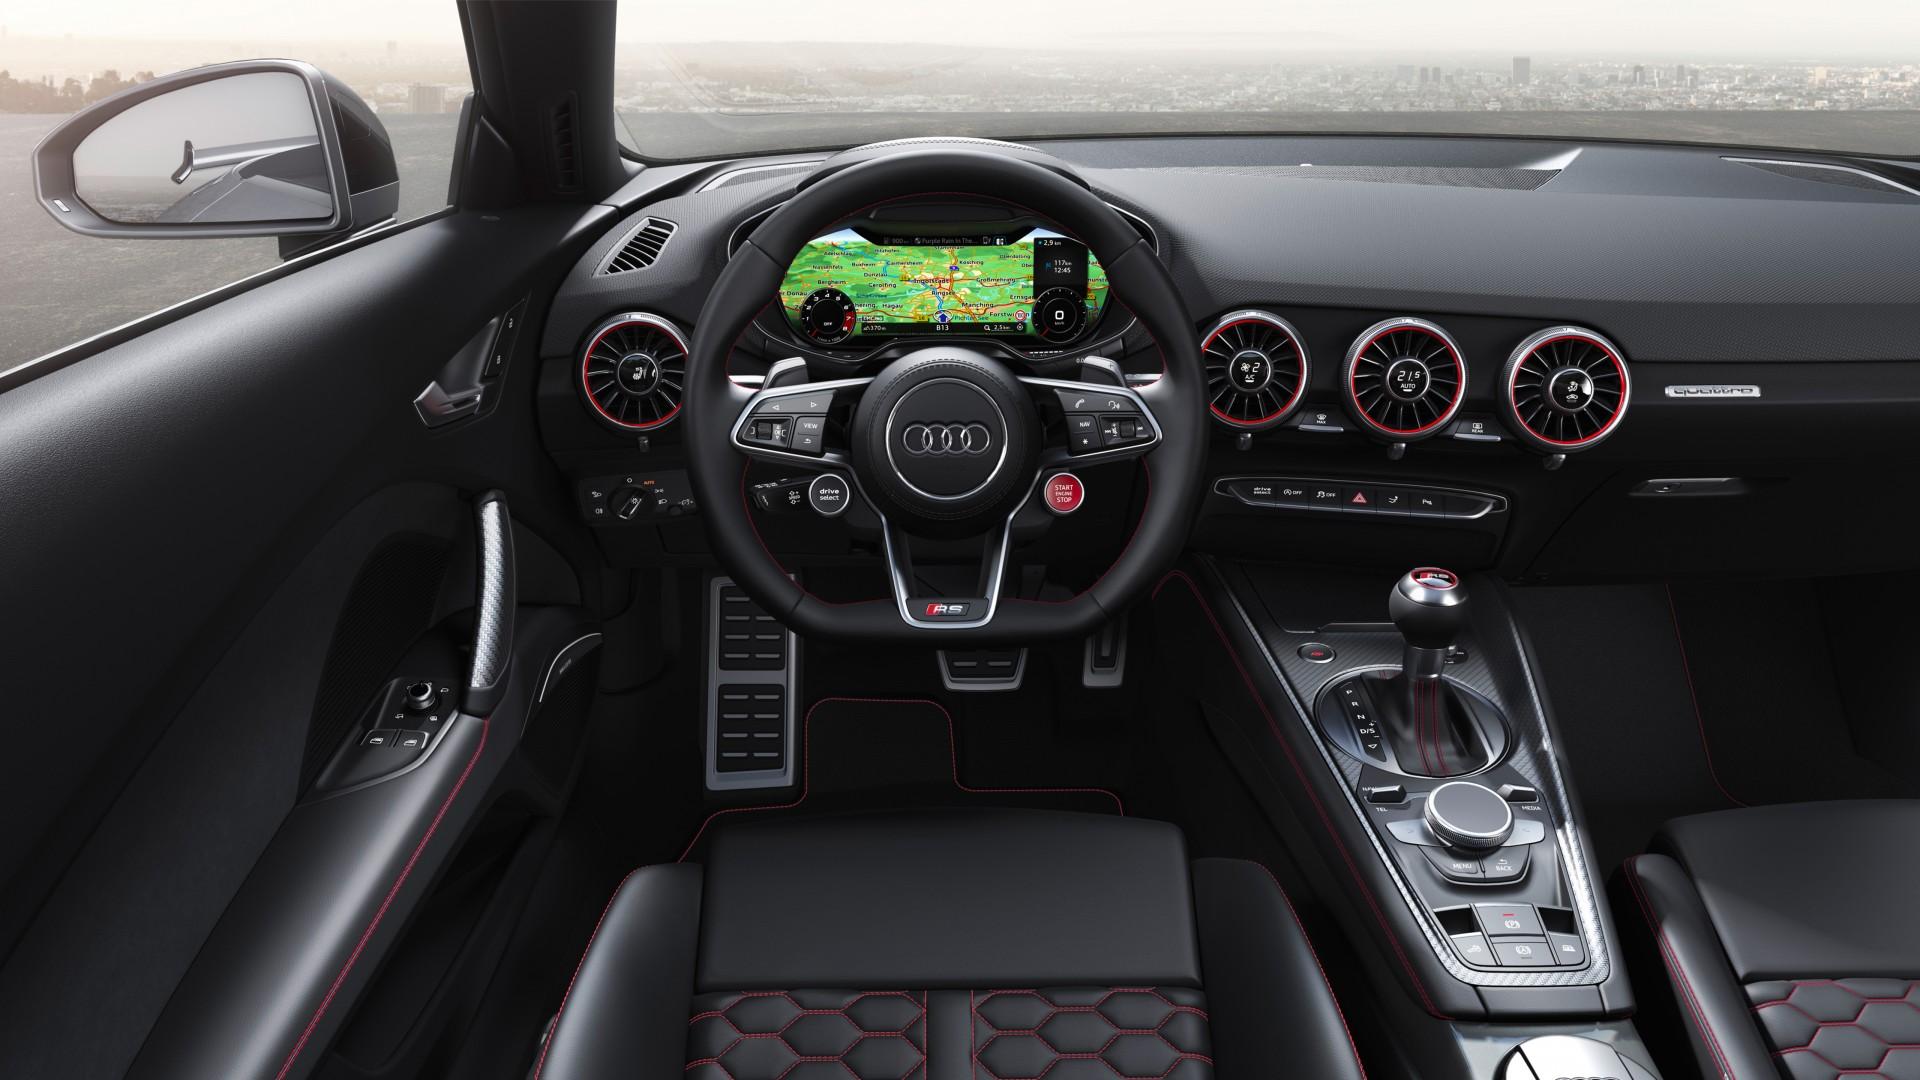 Audi Tt Rs Roadster 2019 4k Interior Wallpaper Hd Car